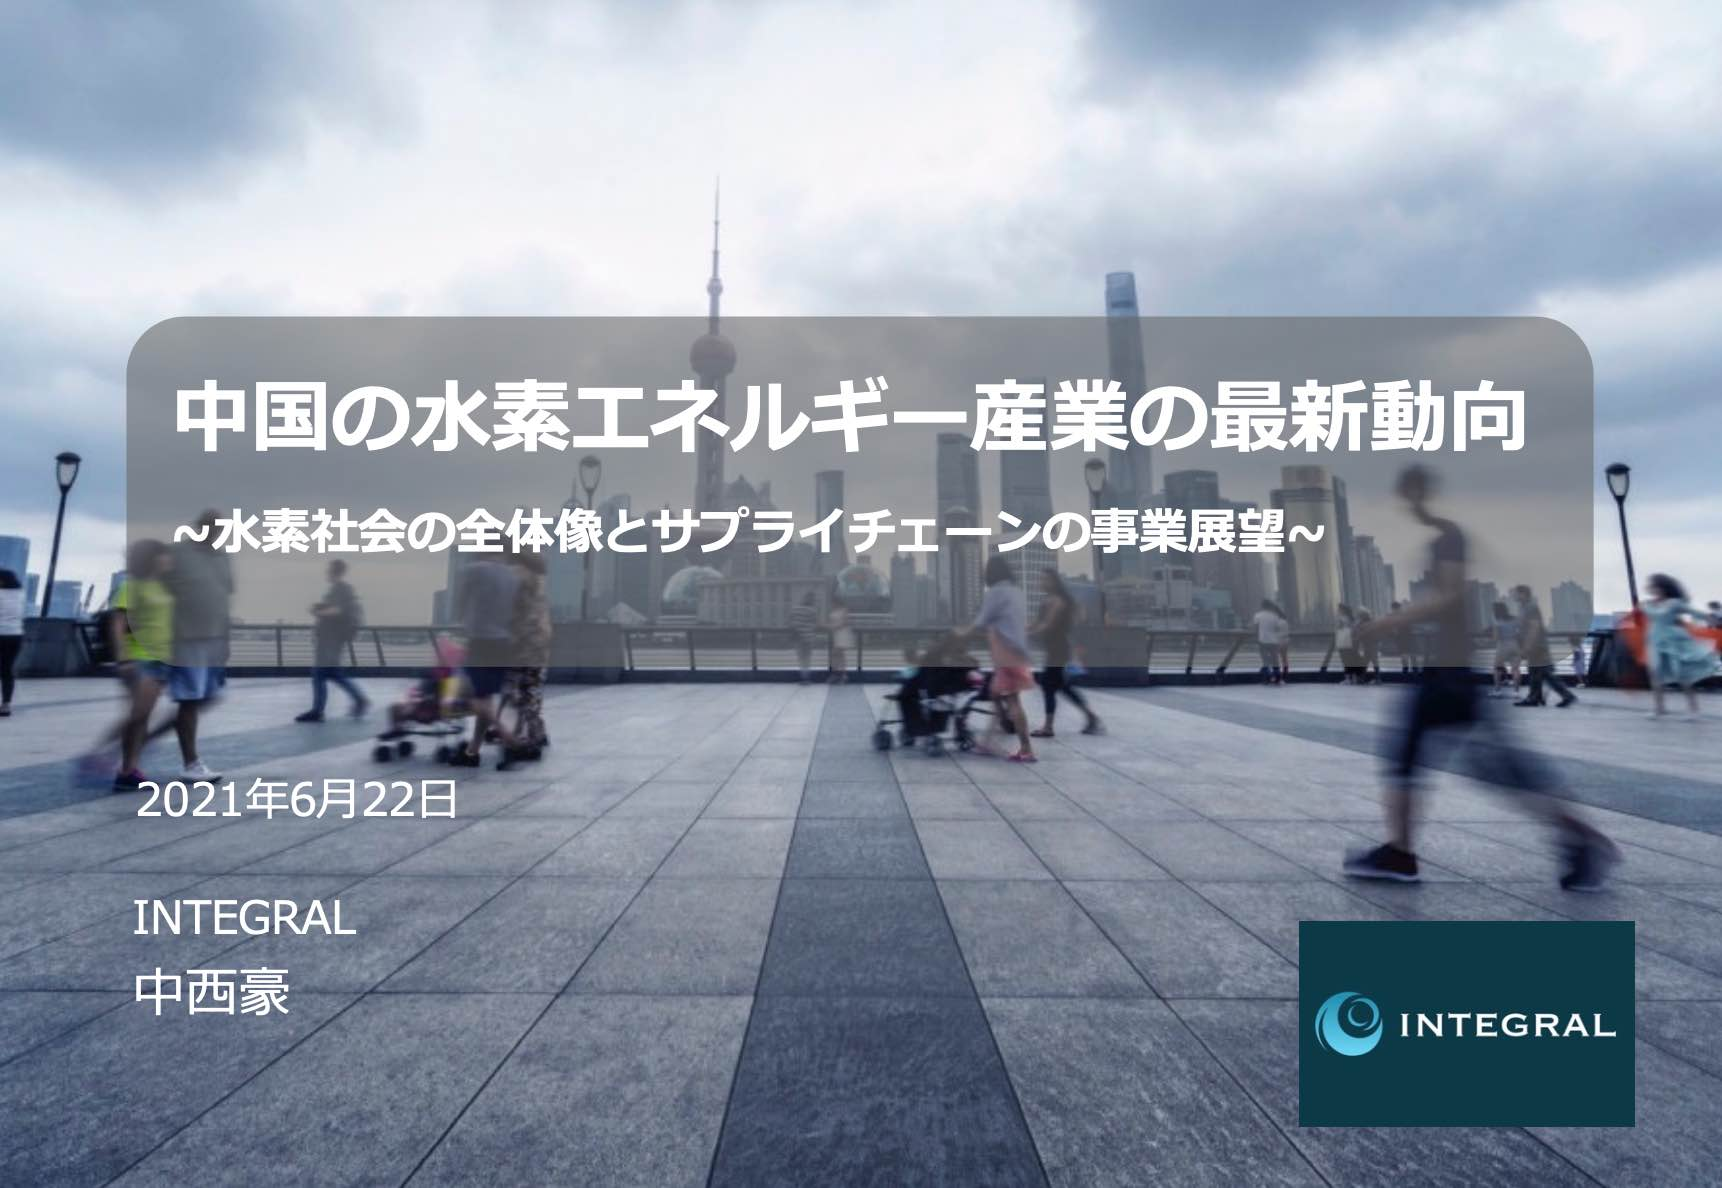 Screen Shot 2021-06-28 at 2.50.33 PM